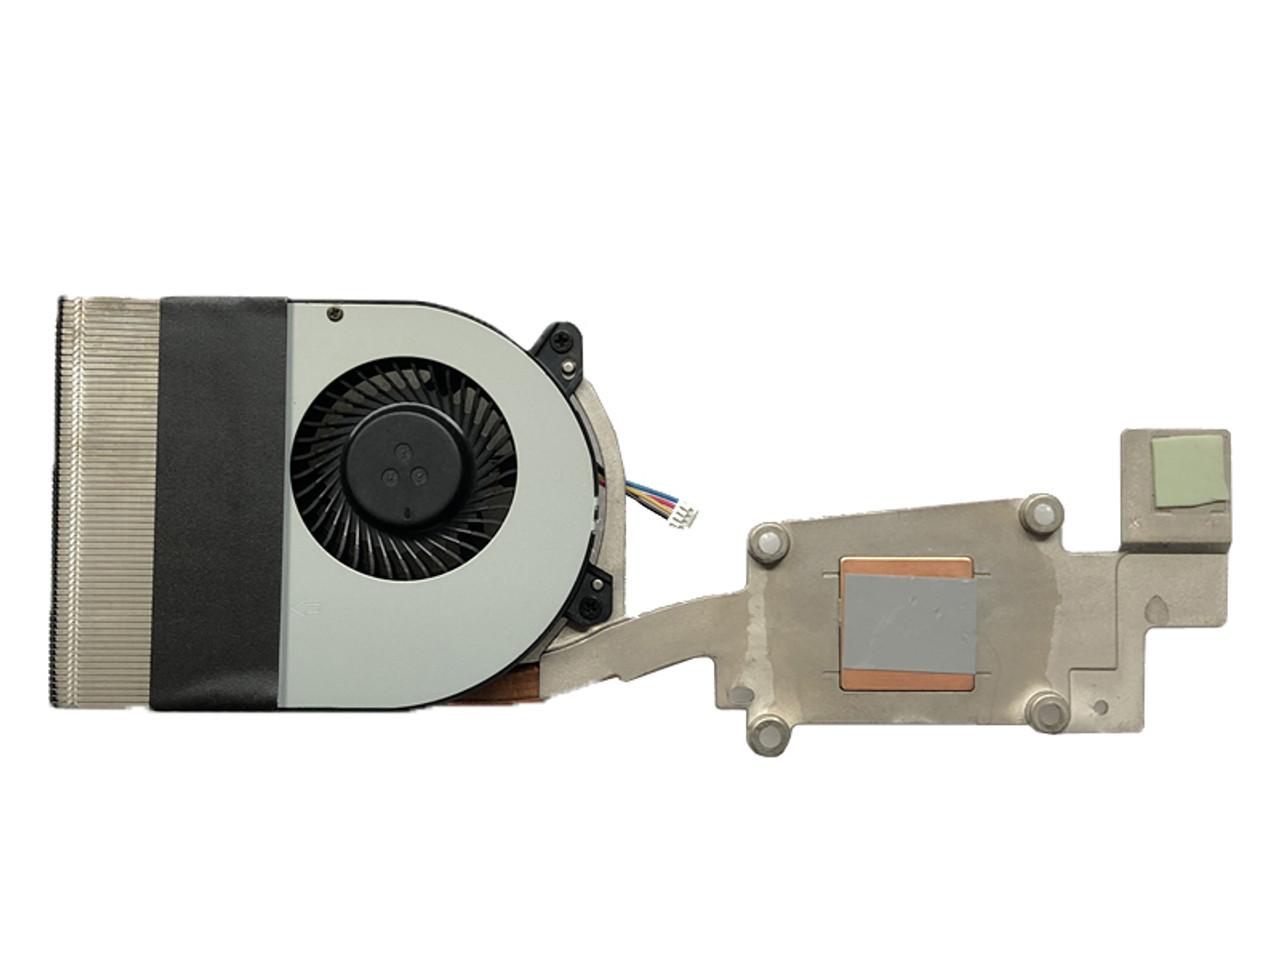 Laptop Heatsink/&Fan for DELL Latitude E6520 P15G AT0FI004ZCL 0J12WD J12WD